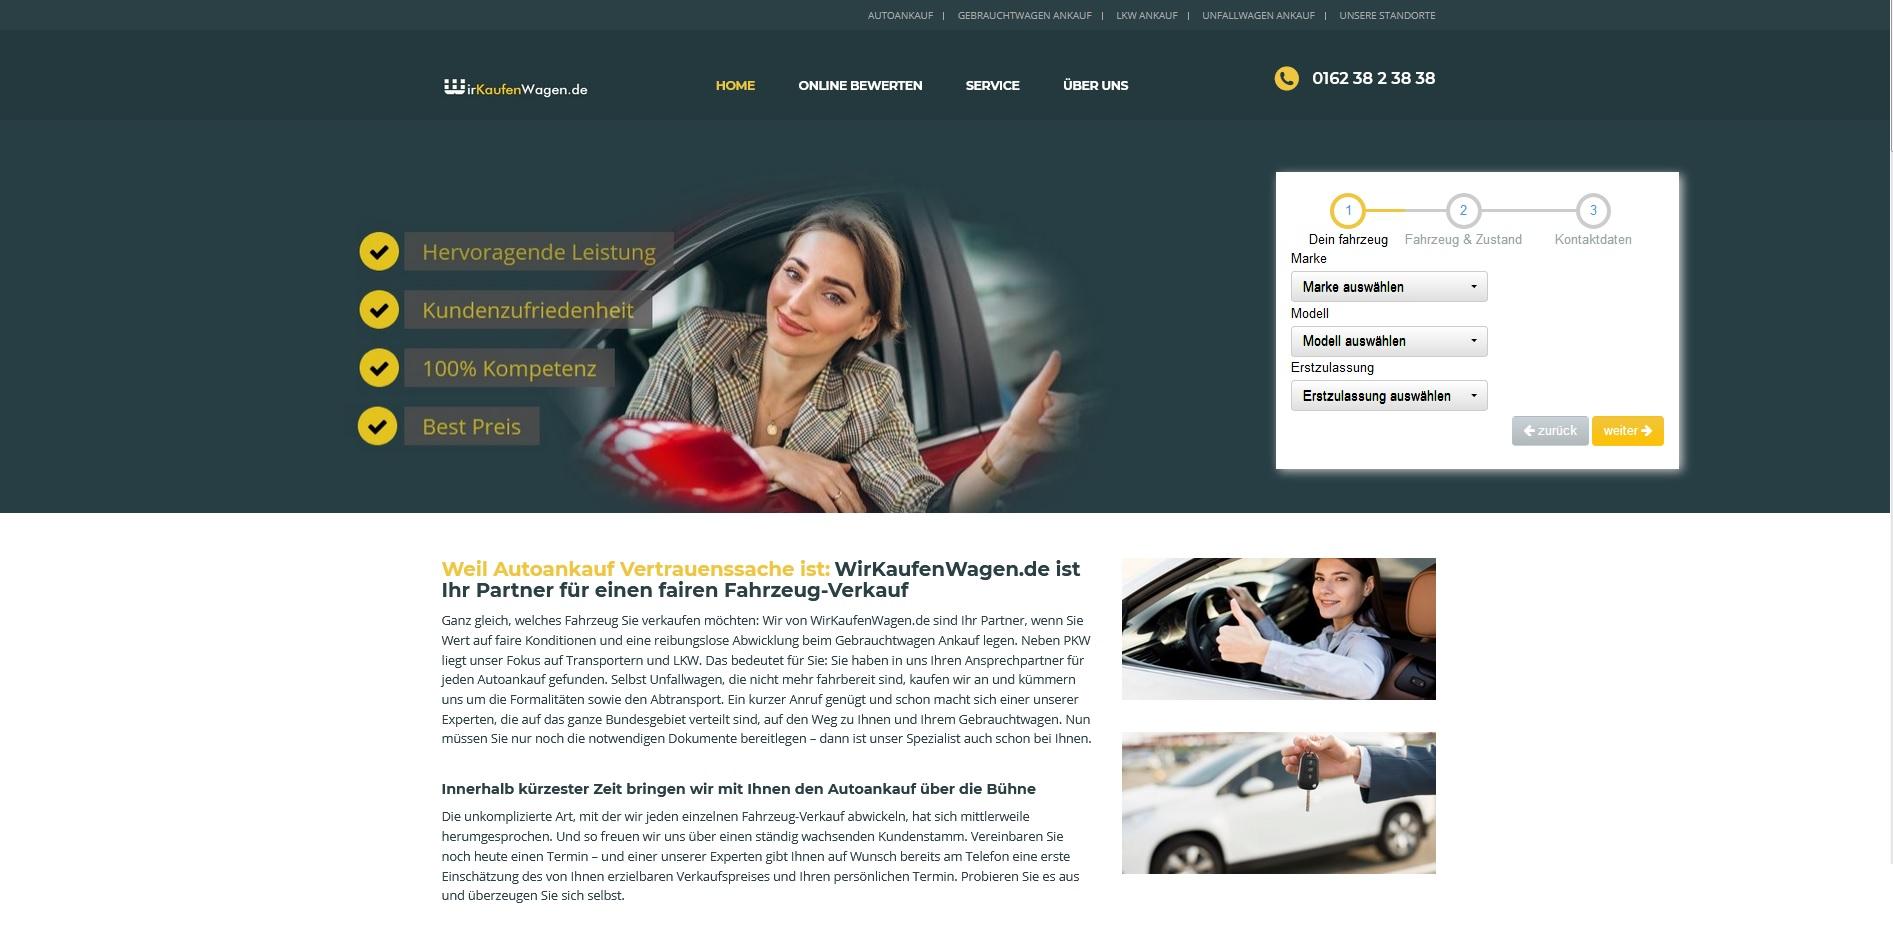 Unfallwagen Ankauf: wirkaufenwagen.de ankauf zum Höchstpreis